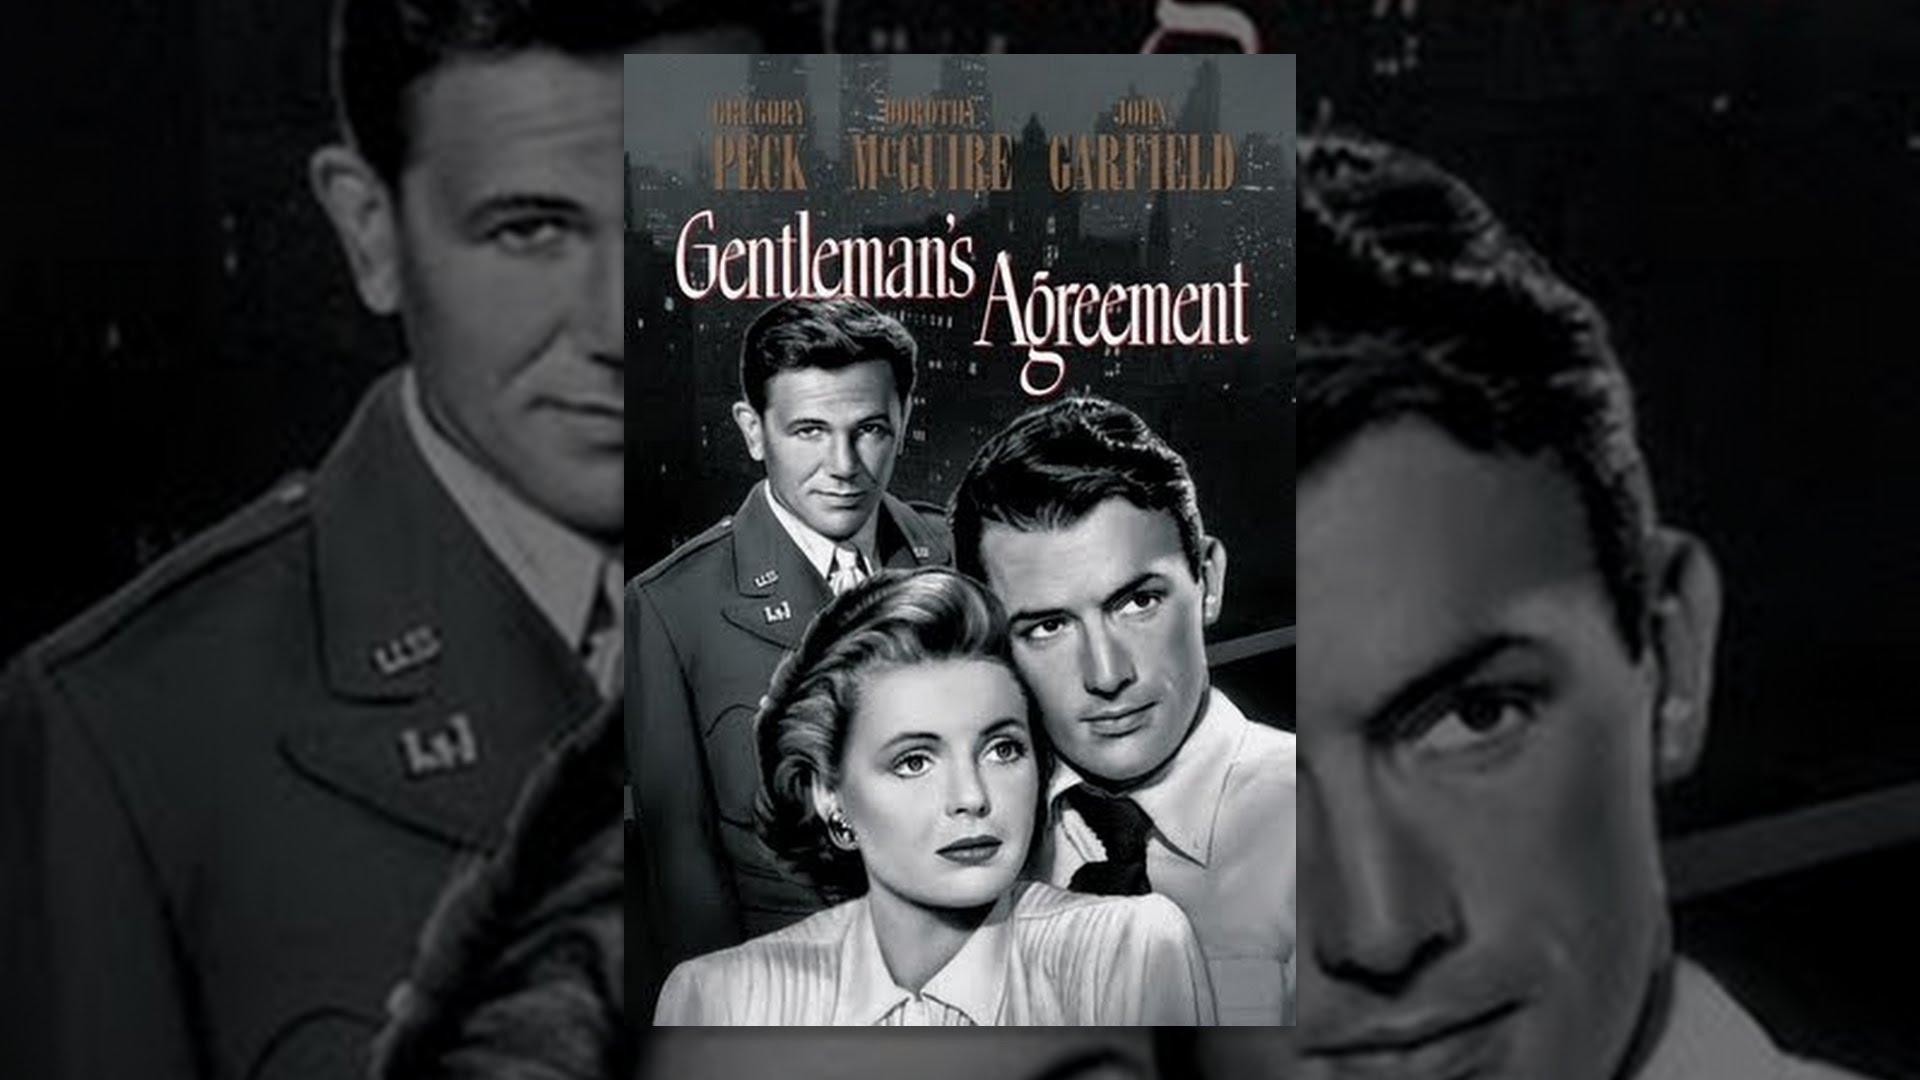 Gentleman agreement